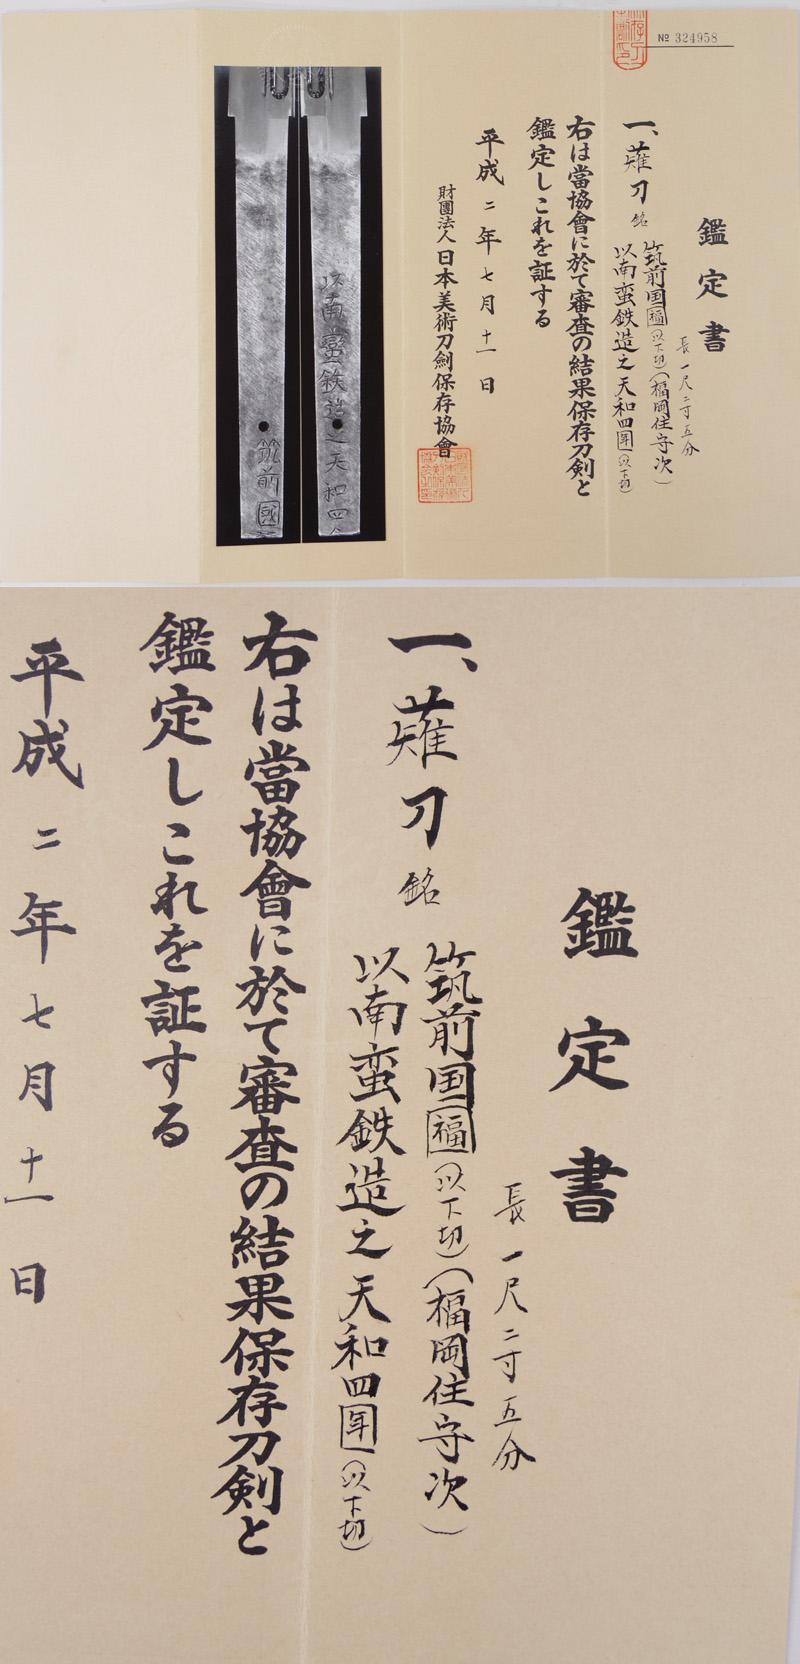 薙刀 筑前国福(以下切) (福岡住守次) (黒田藩工) (蒔絵三つ葉葵紋薙刀拵付き)   以南蛮鉄造之天和四年(以下切) Picture of Certificate